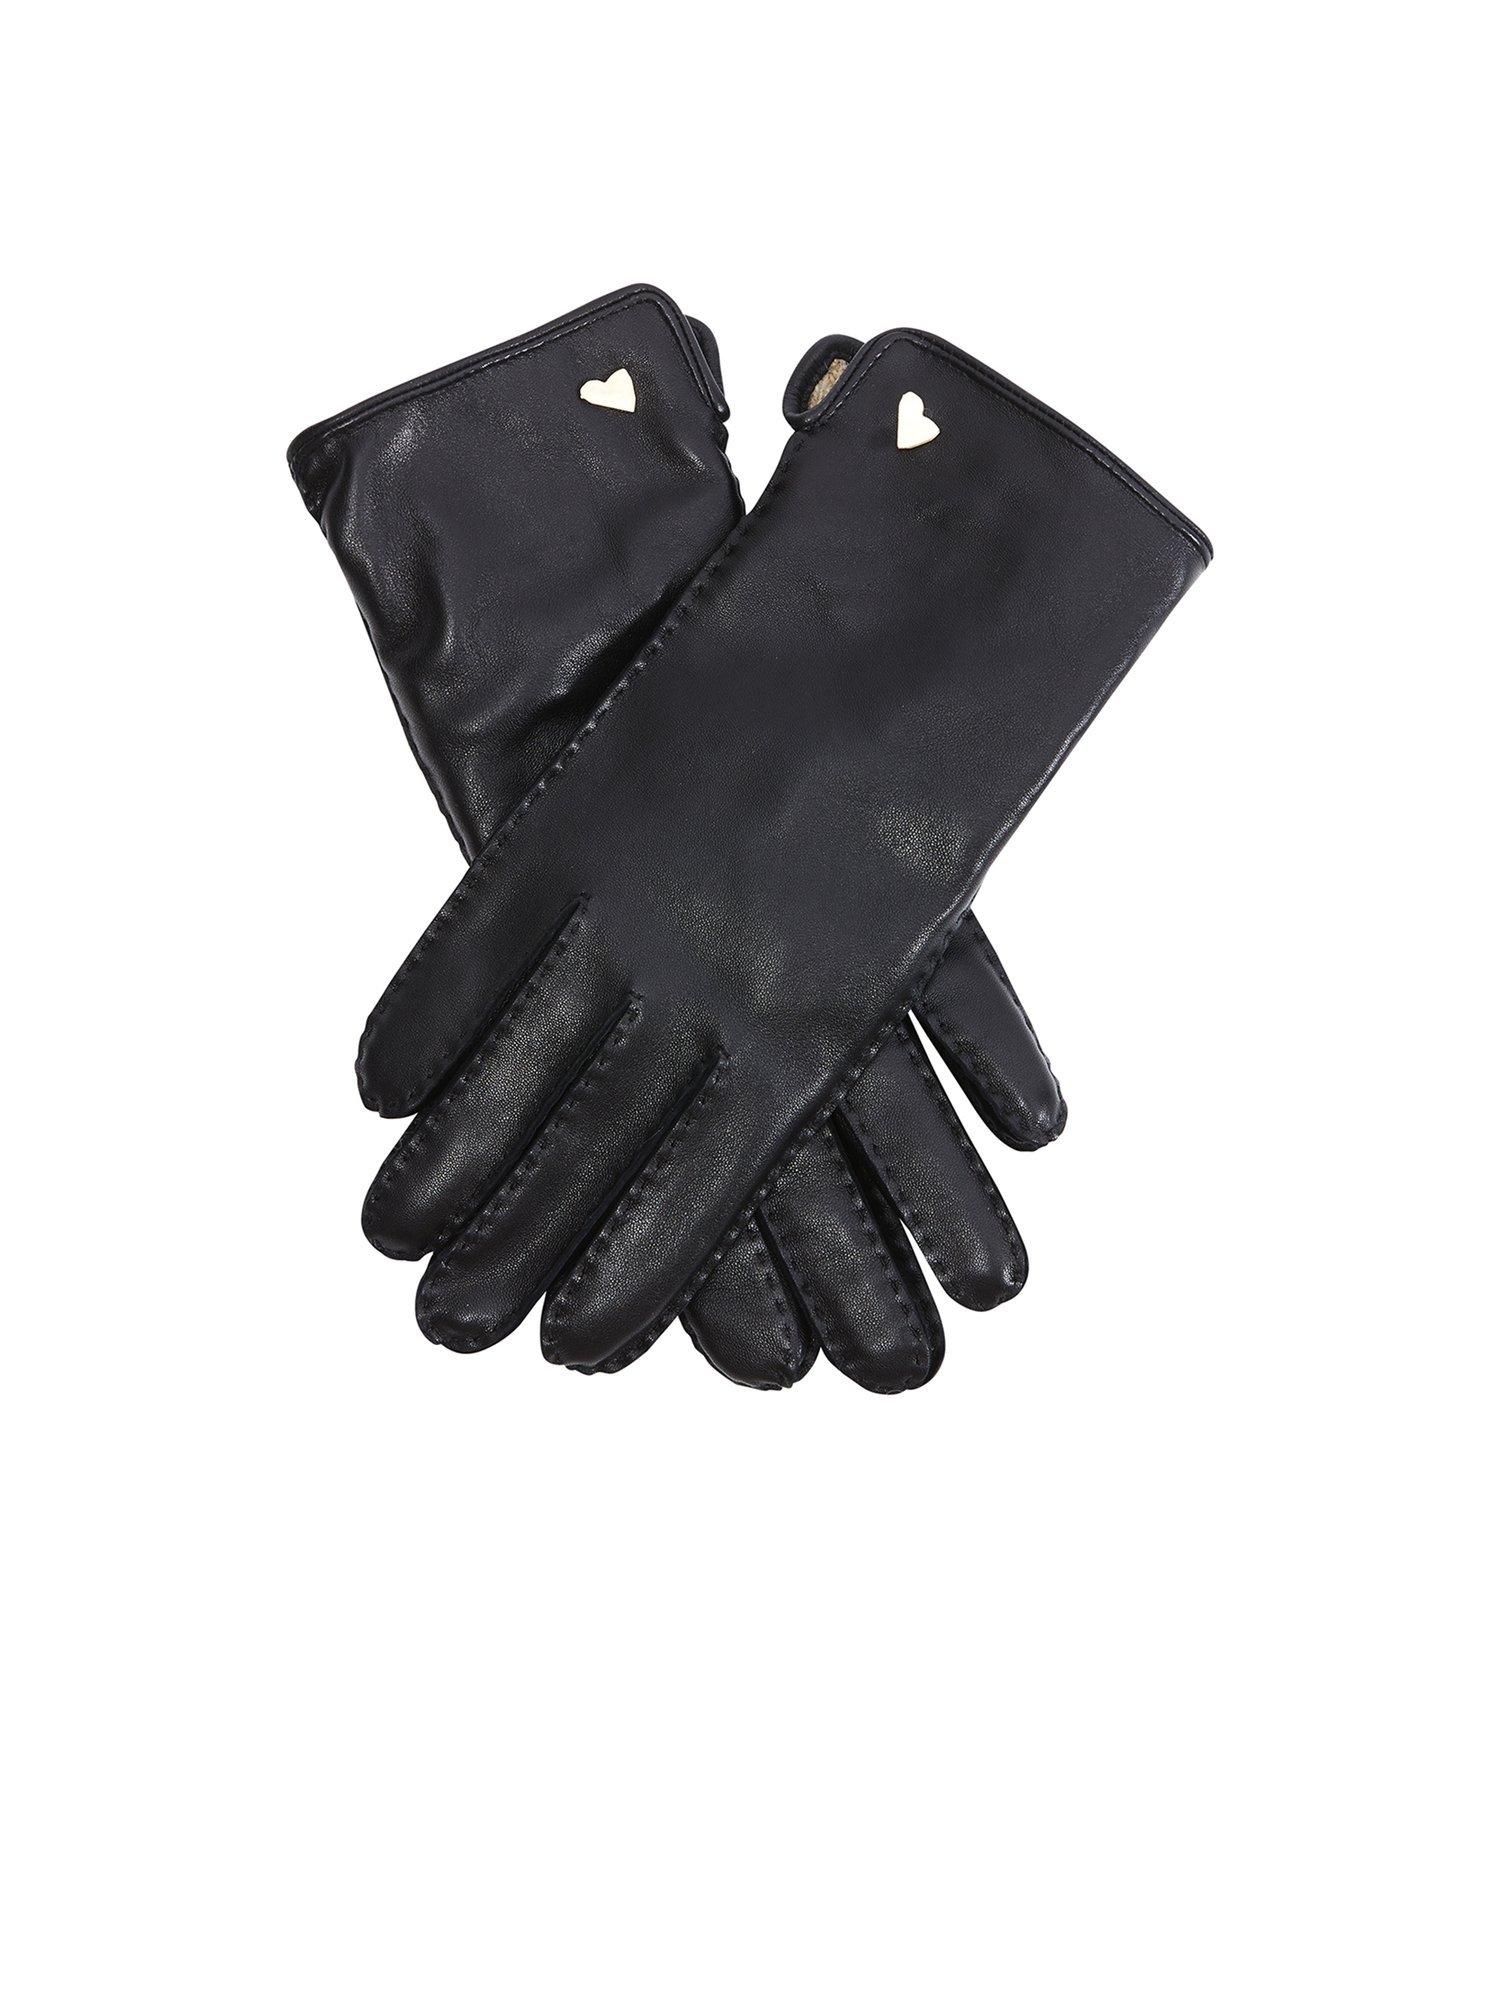 Heartmade/Julie Fagerholt Albi  Gloves